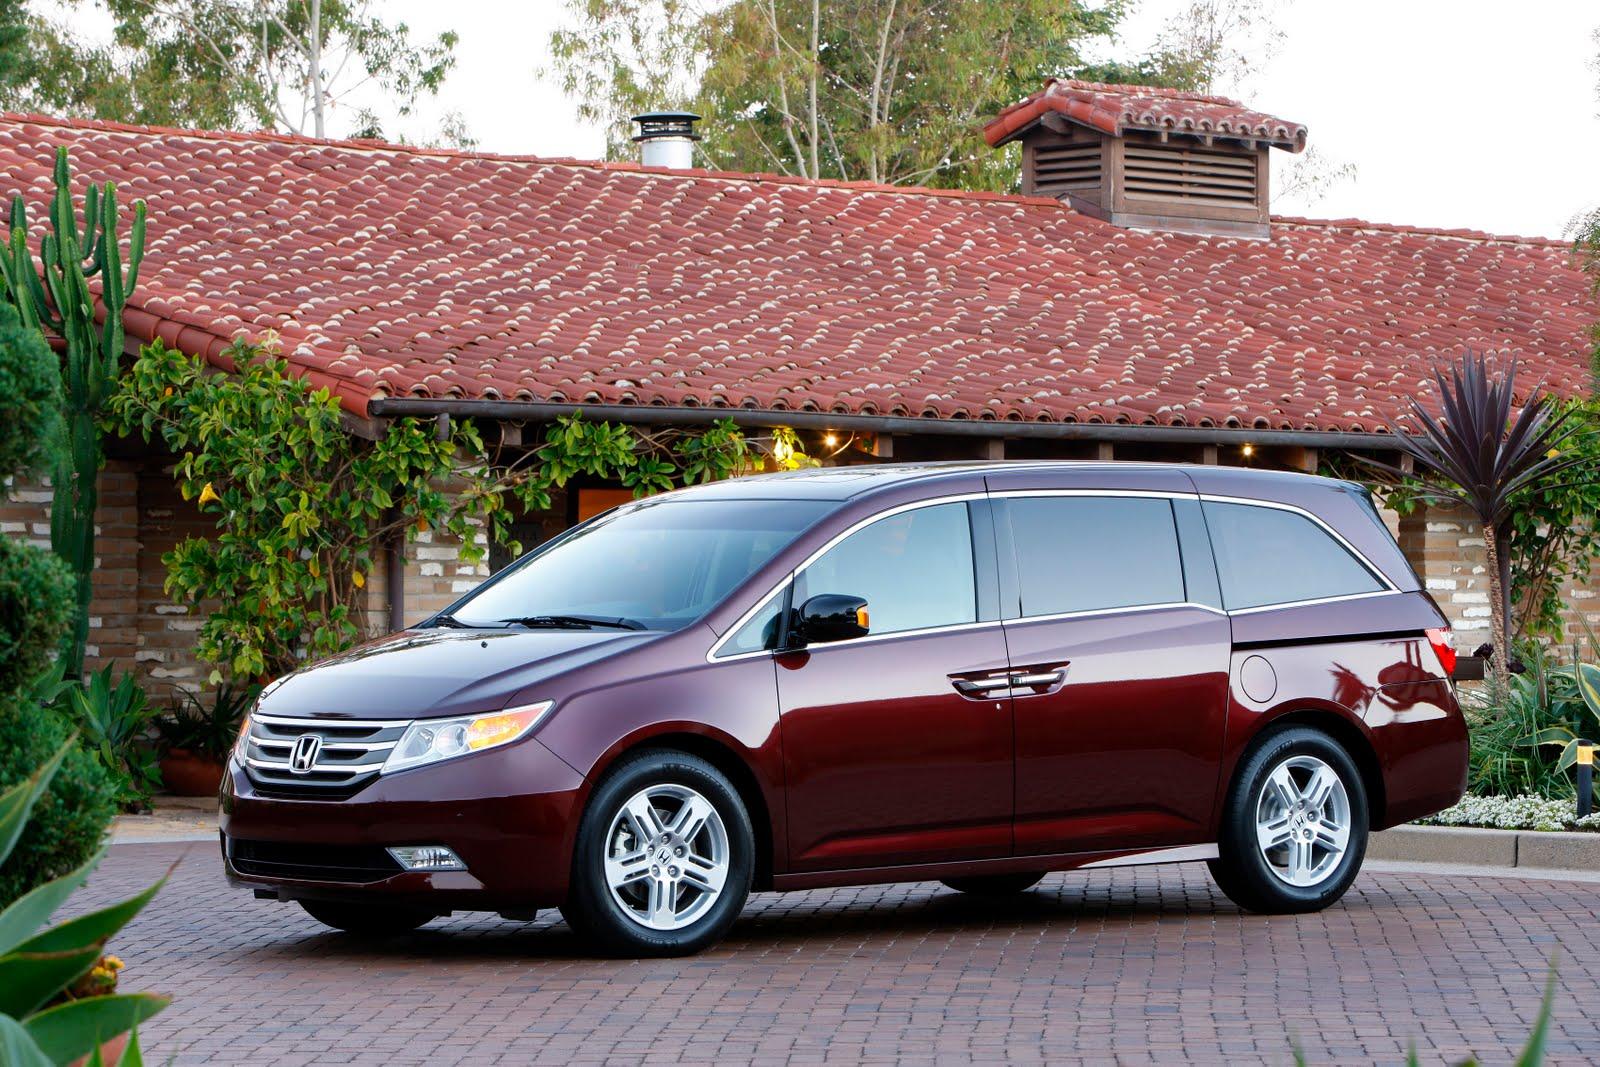 Minivan Envy: The 2011 Honda Odyssey